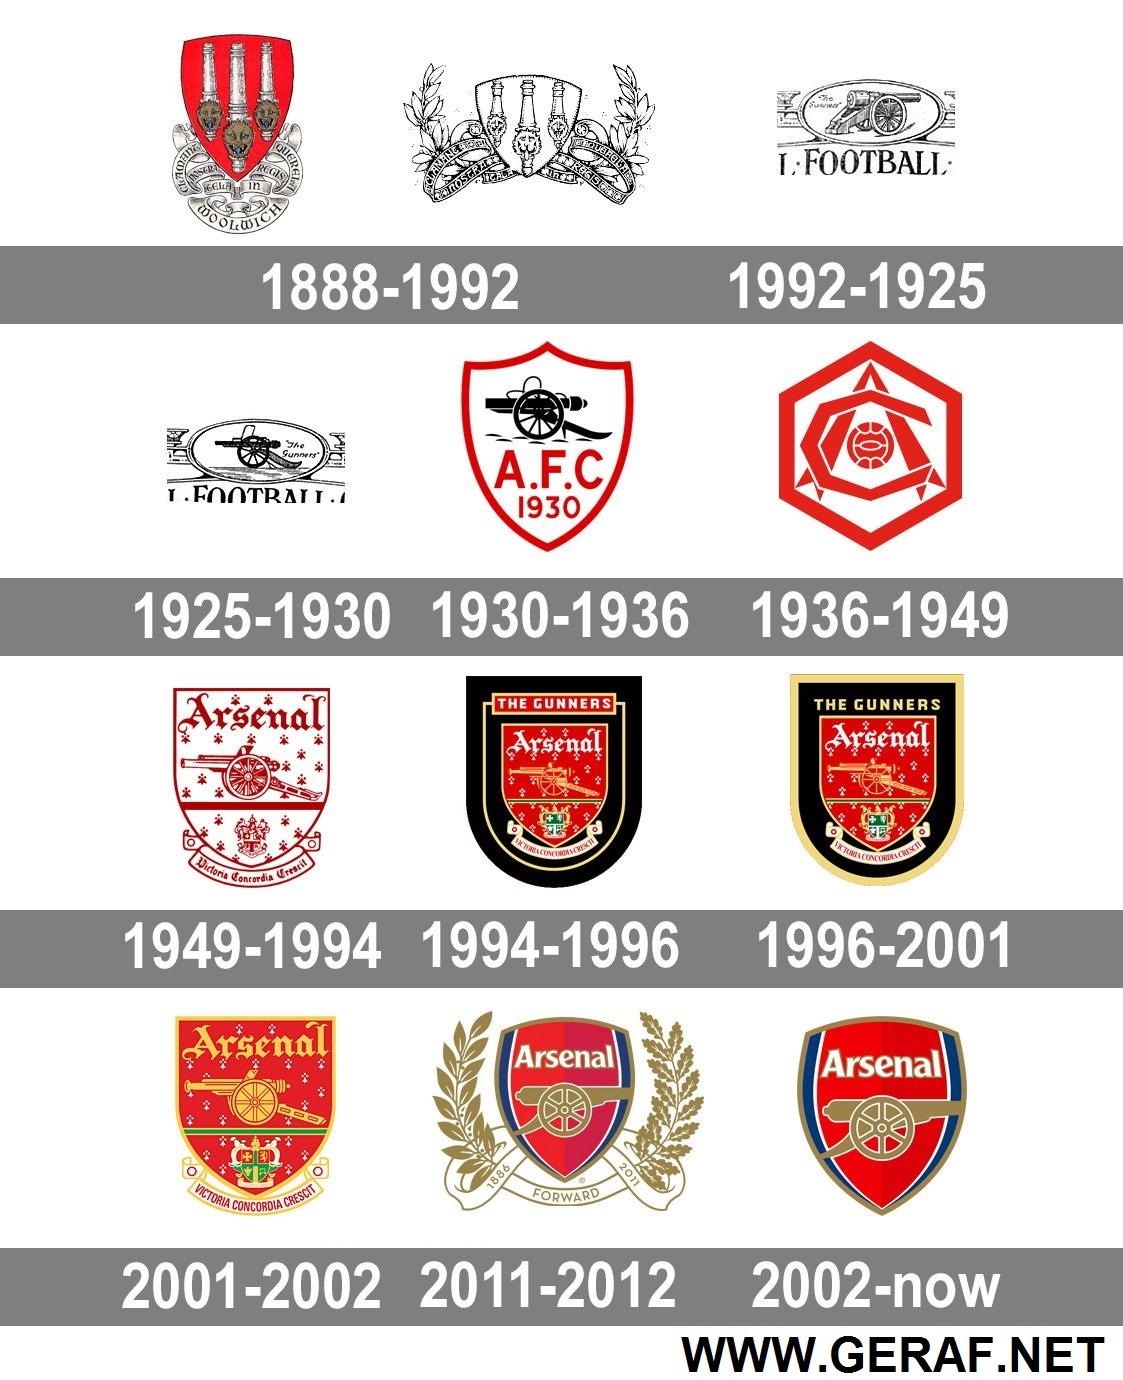 تاریخچه لوگو باشگاه آرسنال